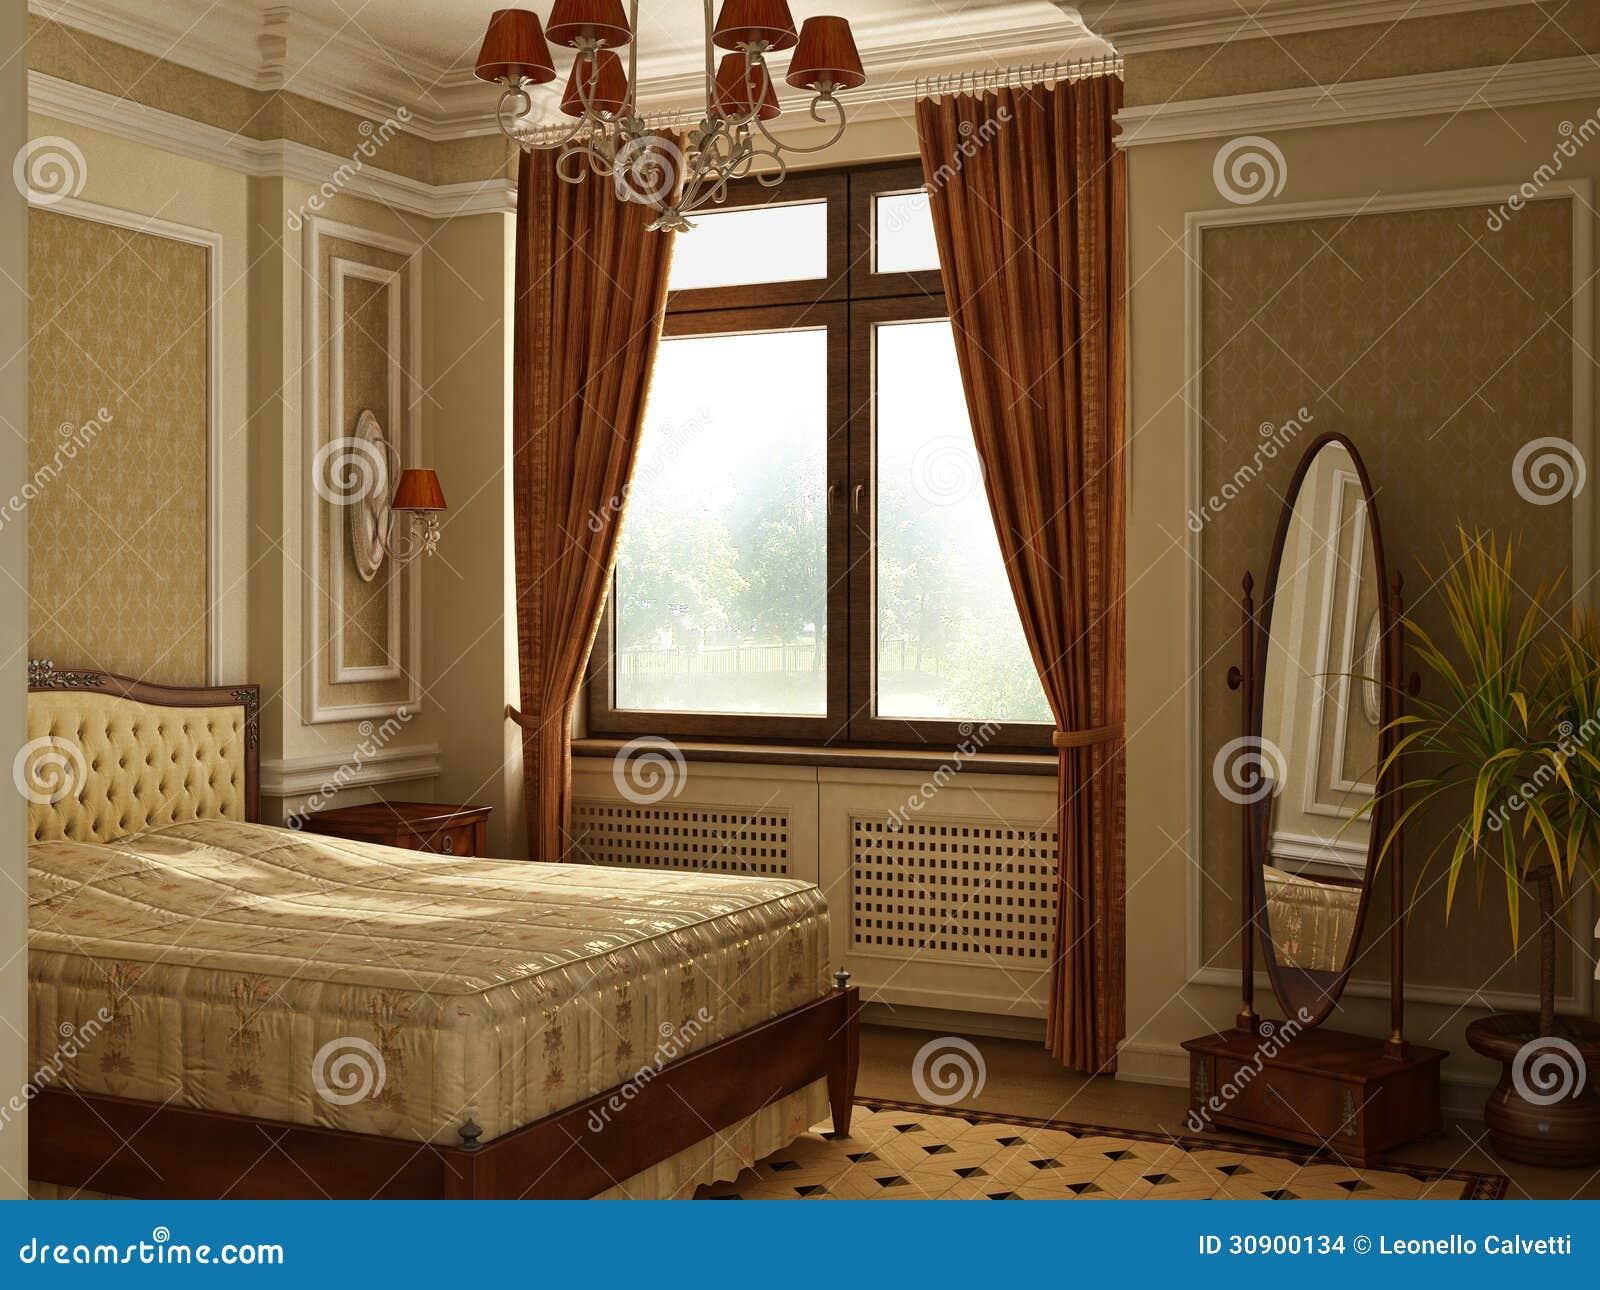 camera da letto antica prezzi: camera da letto antica in italia ... - Camera Da Letto Antica Prezzi